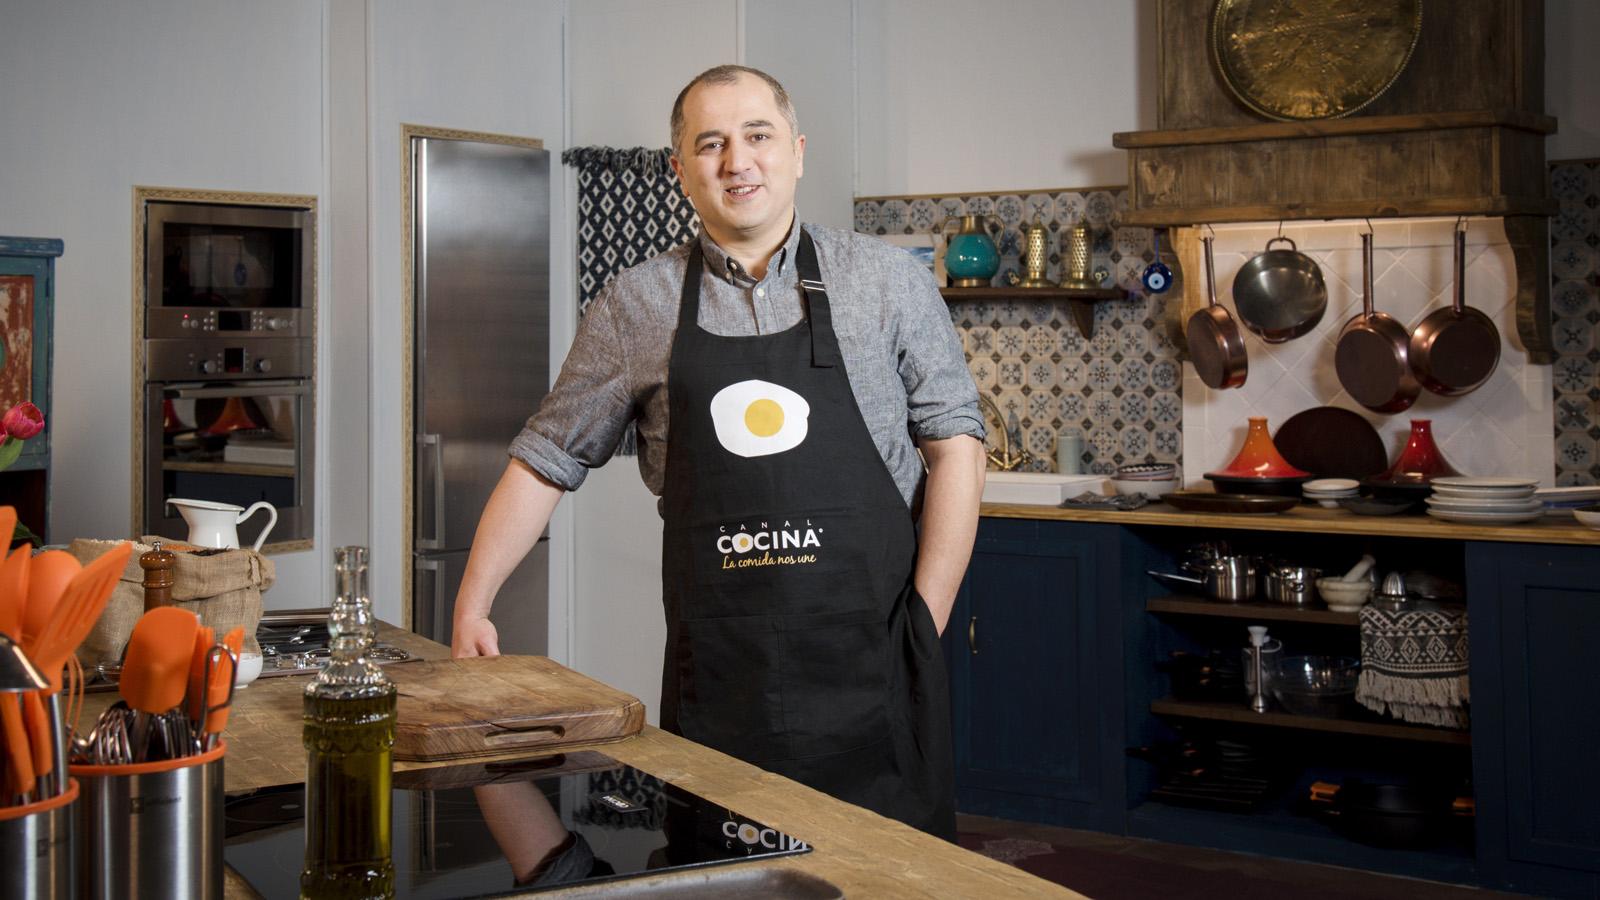 Tayfun altinbas cocineros canal cocina - Canal cocina cocineros ...